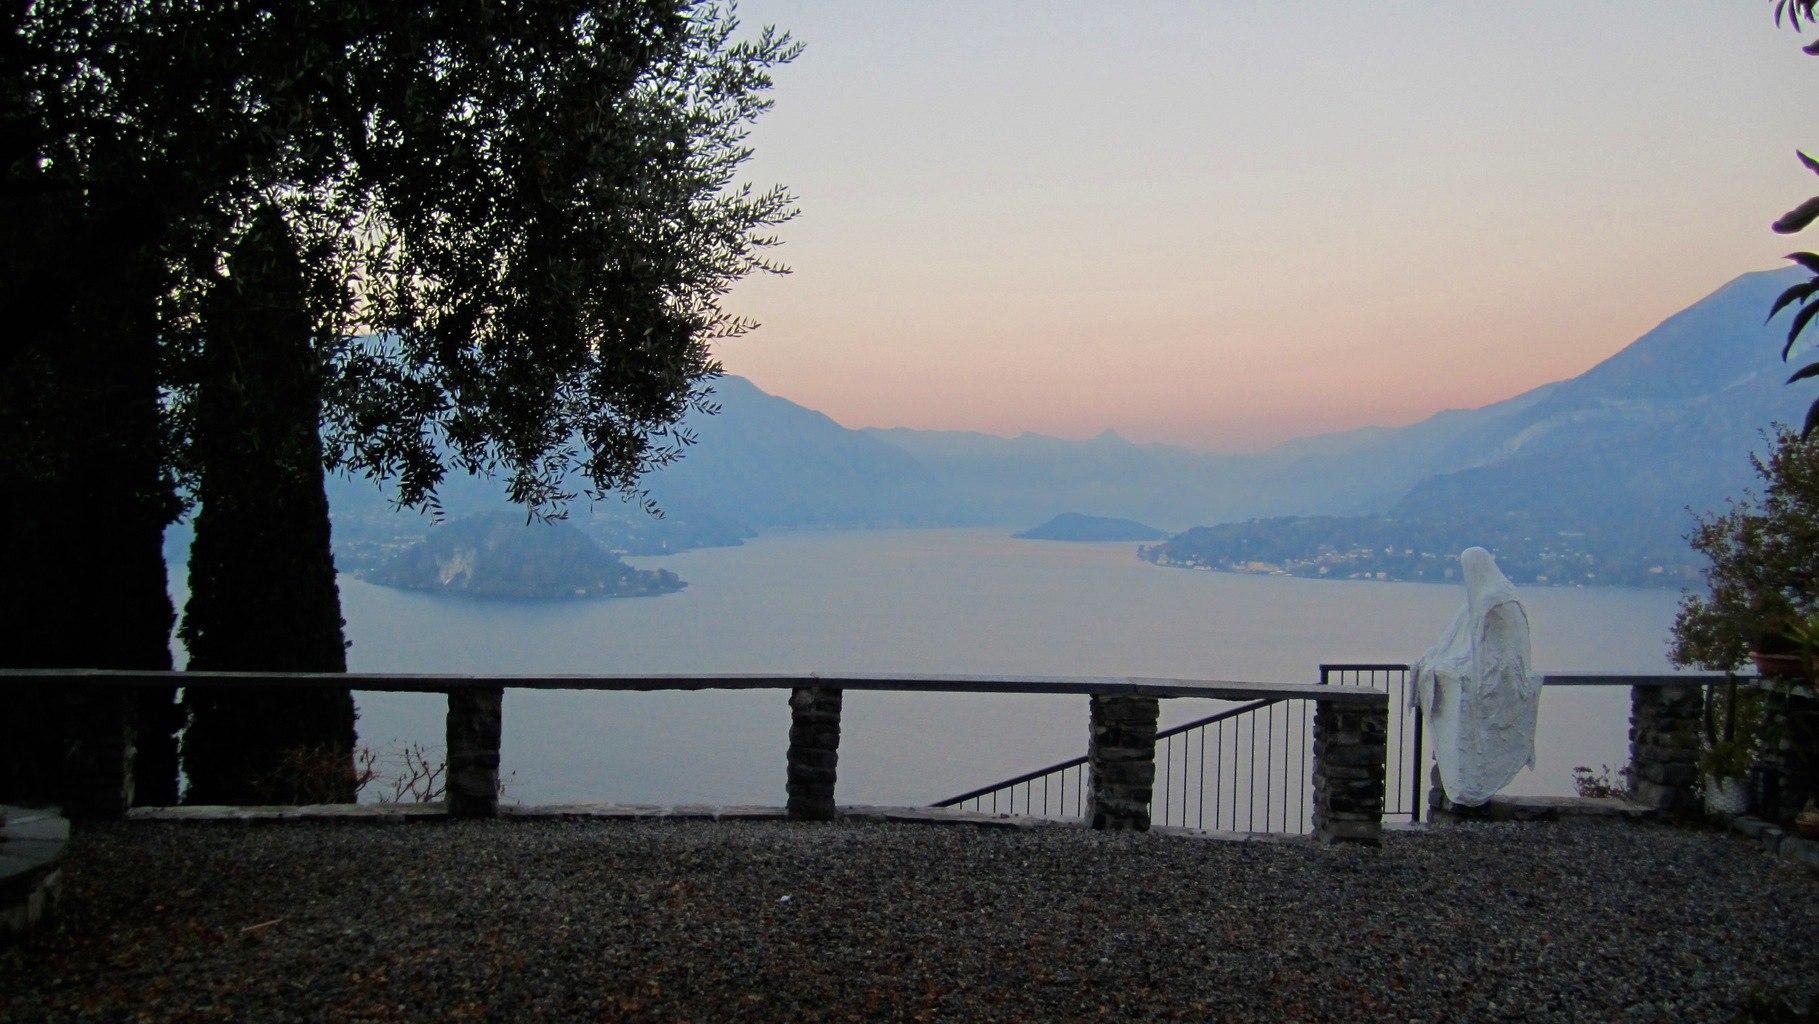 Sunrise at Vezio Castle Lake Como